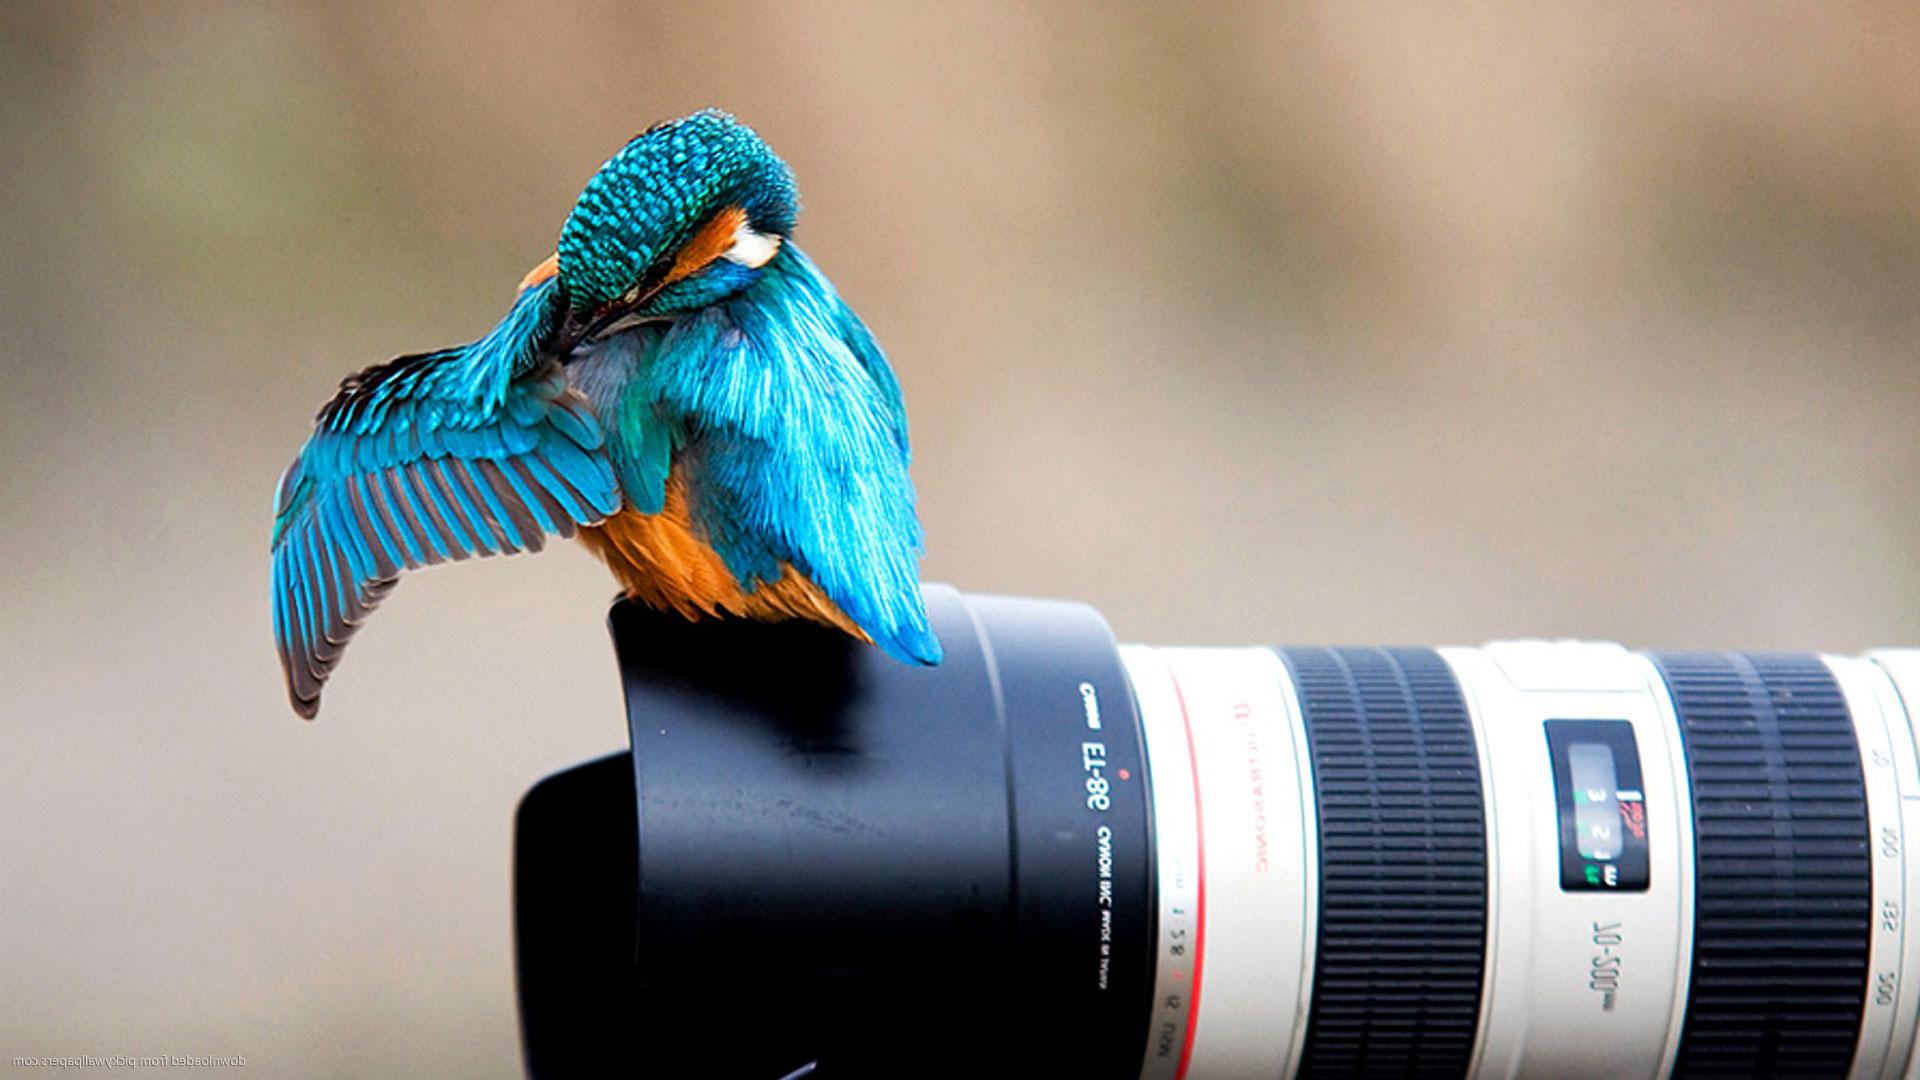 Объектив пентакс для пленочных фотоаппаратов слайд